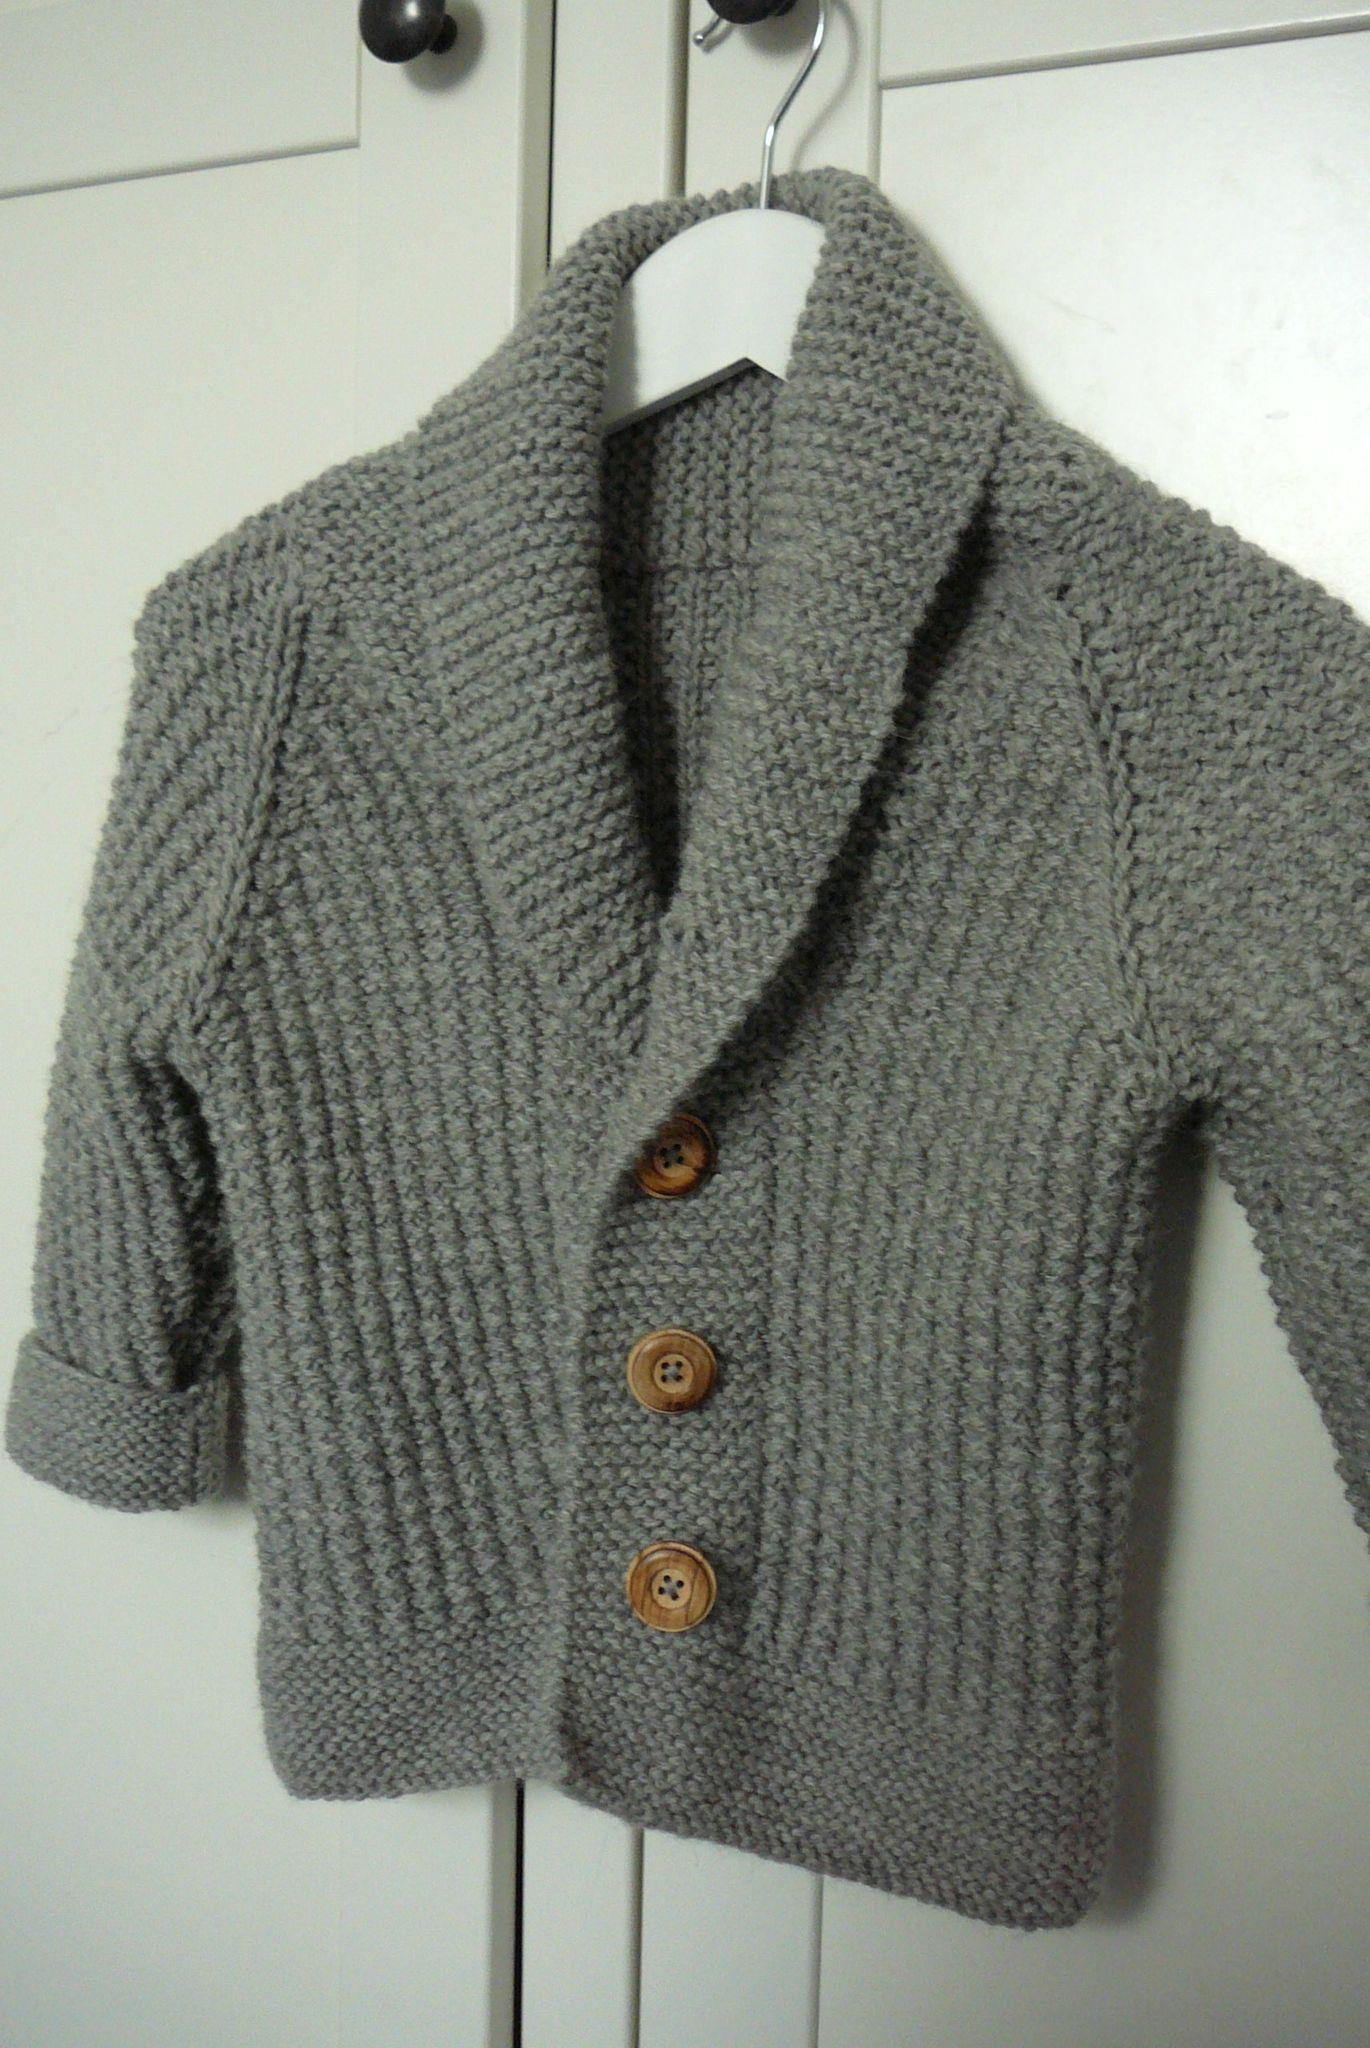 modele de tricot gratuit pour garcon de 2 ans